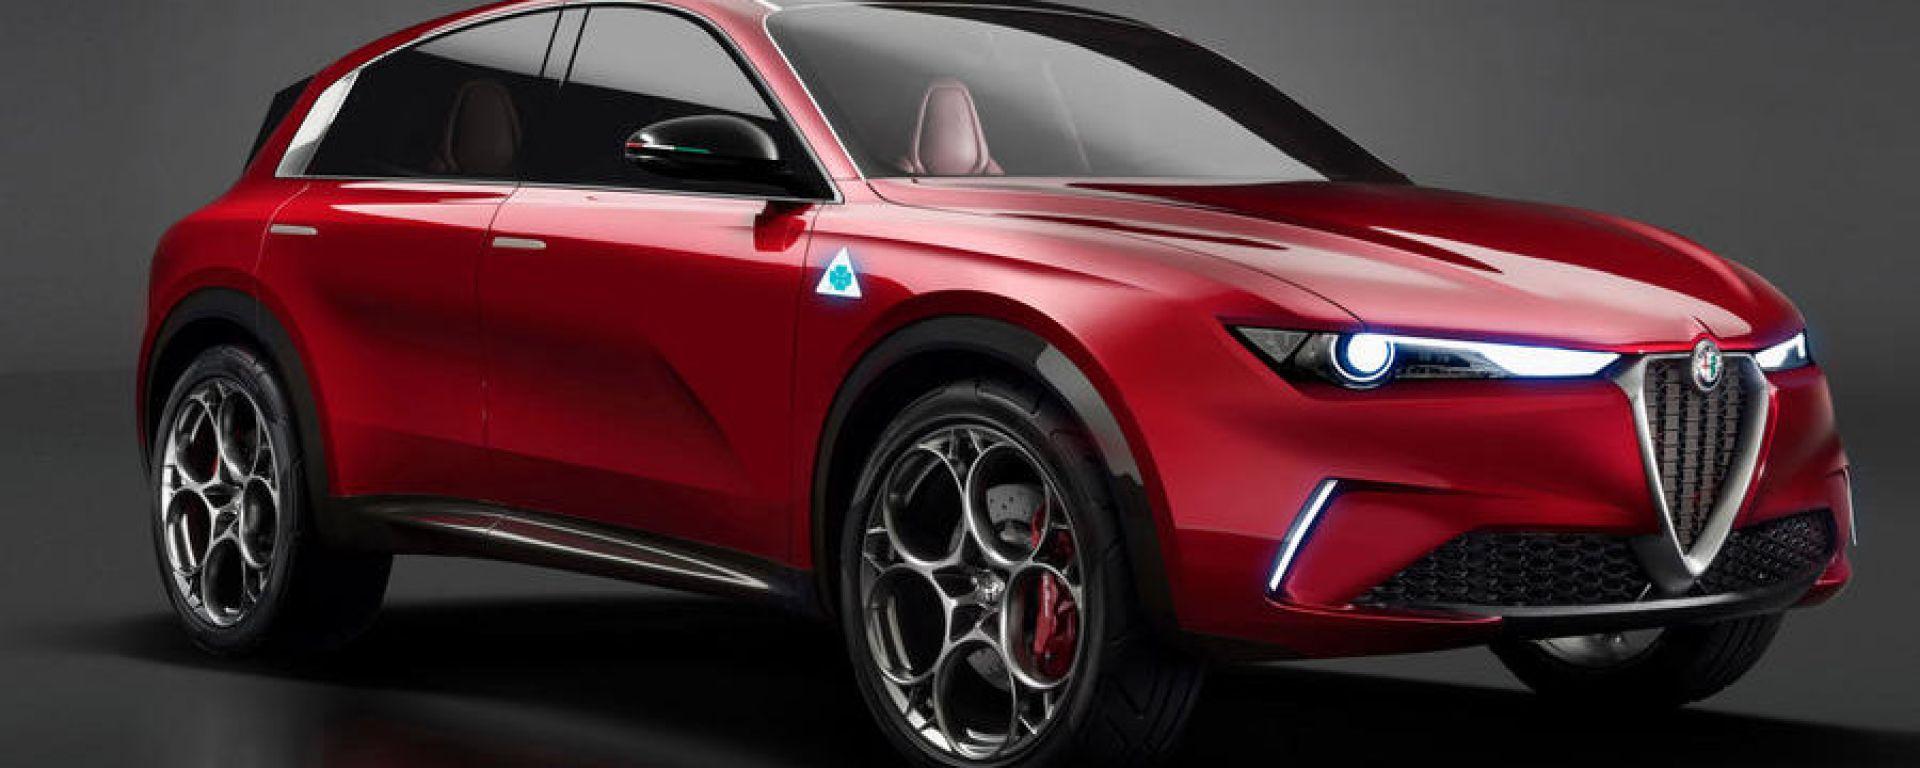 Nuovo Suv ultracompatto Alfa Romeo: la piattaforma è PSA